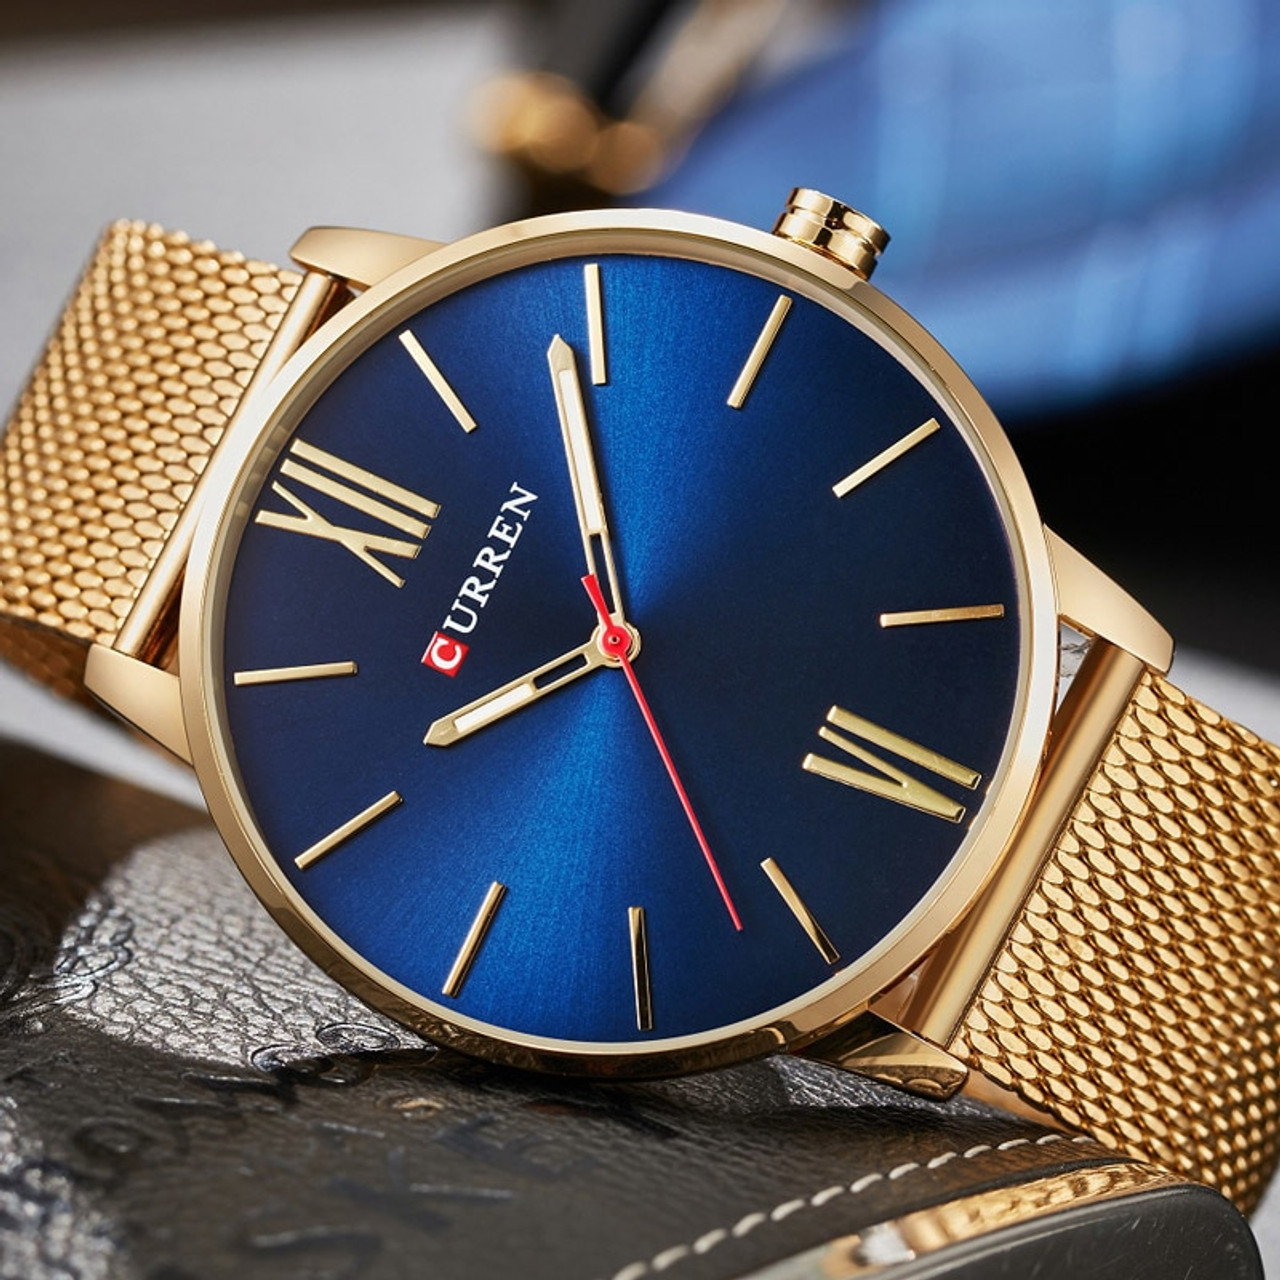 efb53f1dd28 2018 CURREN Mens Watches Top Brand Luxury Gold Quartz Watch Men Fashion  Waterproof Stainless Steel Sport ...